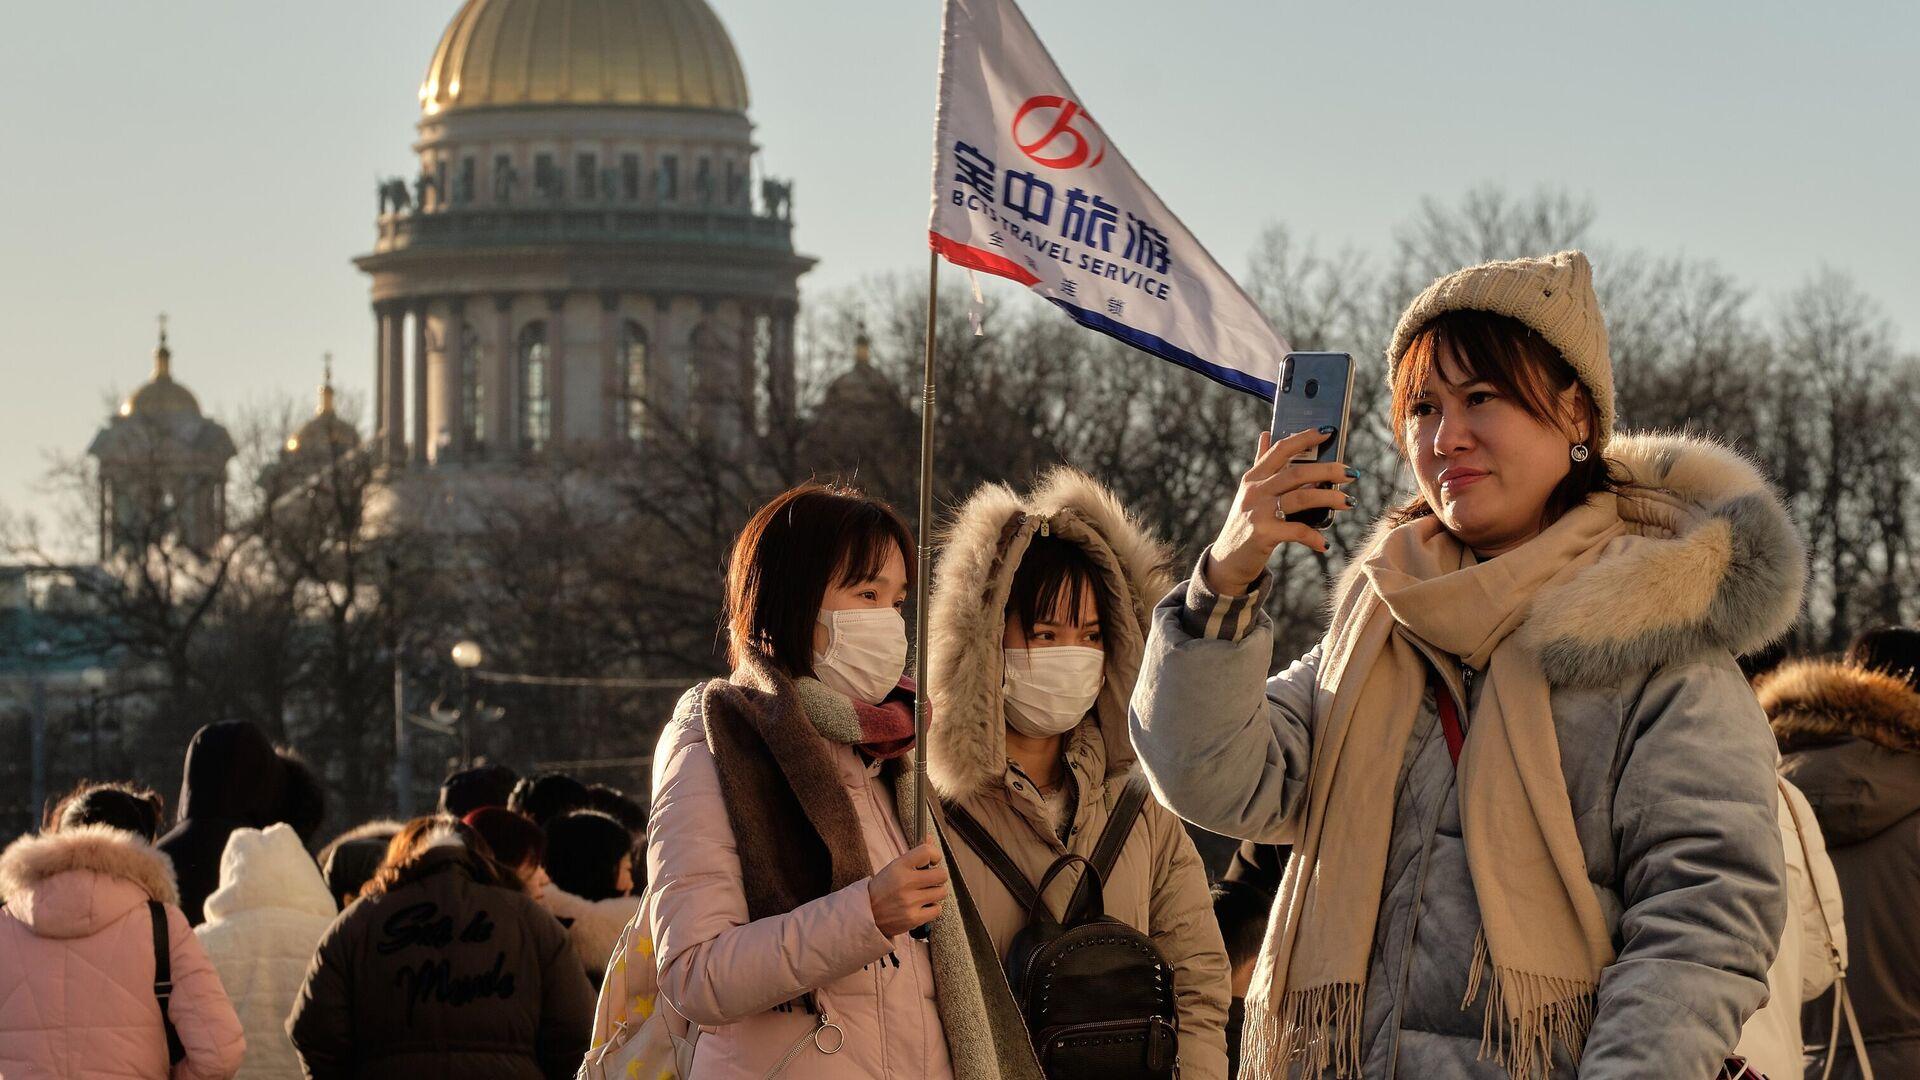 Китайские туристы на Дворцовой площади в Санкт-Петербурге - РИА Новости, 1920, 20.11.2020